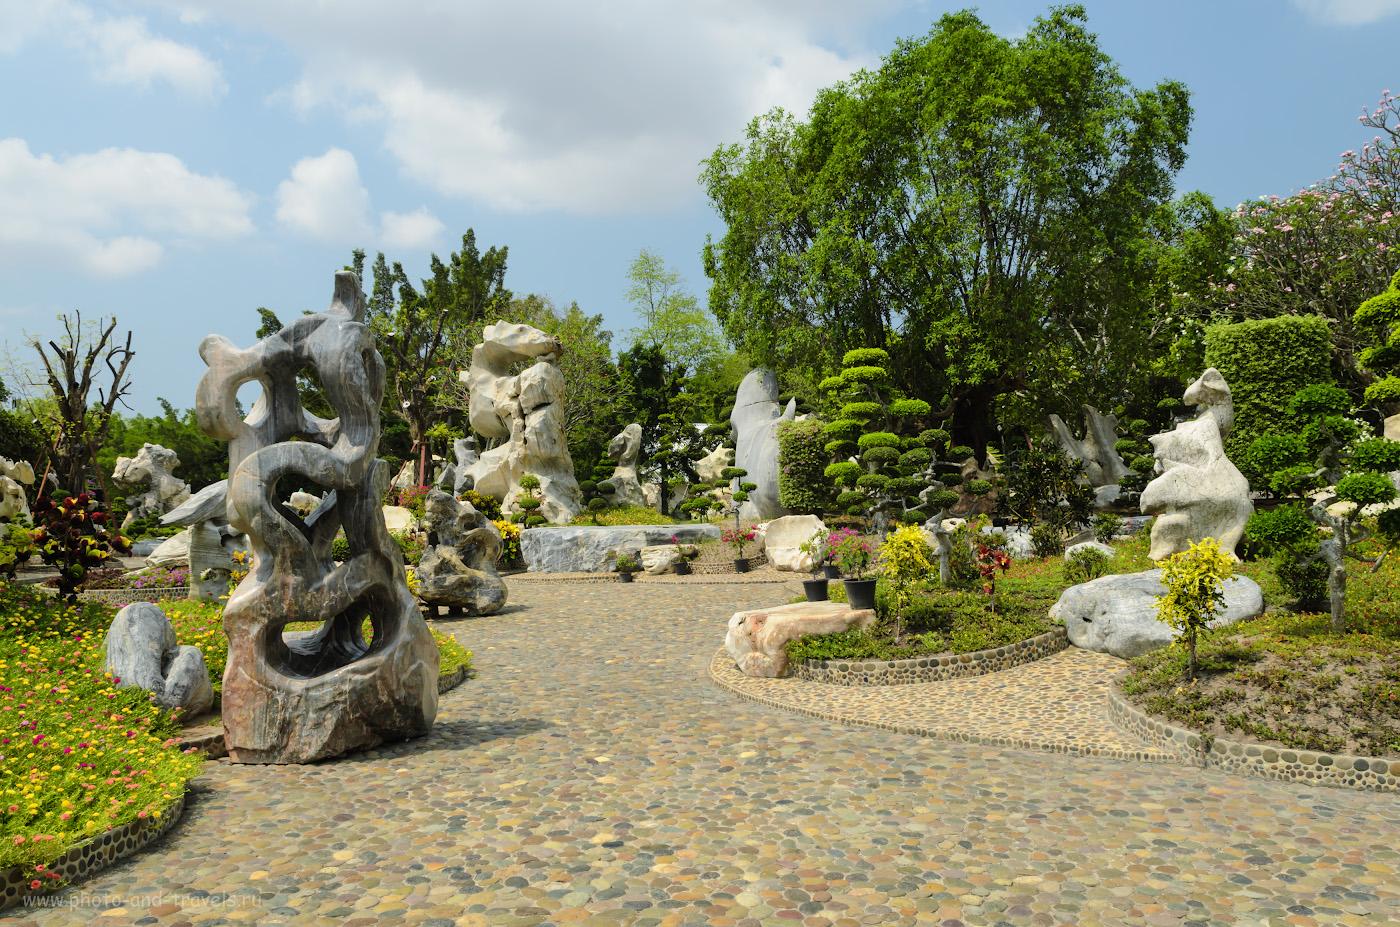 """Фото 3. Древние камни в саду """"The Million Years Stone Park & Pattaya Crocodile Farm"""". Отчет о самостоятельной экскурсии из Паттайи. 1/100, 9.0, 100, 19."""